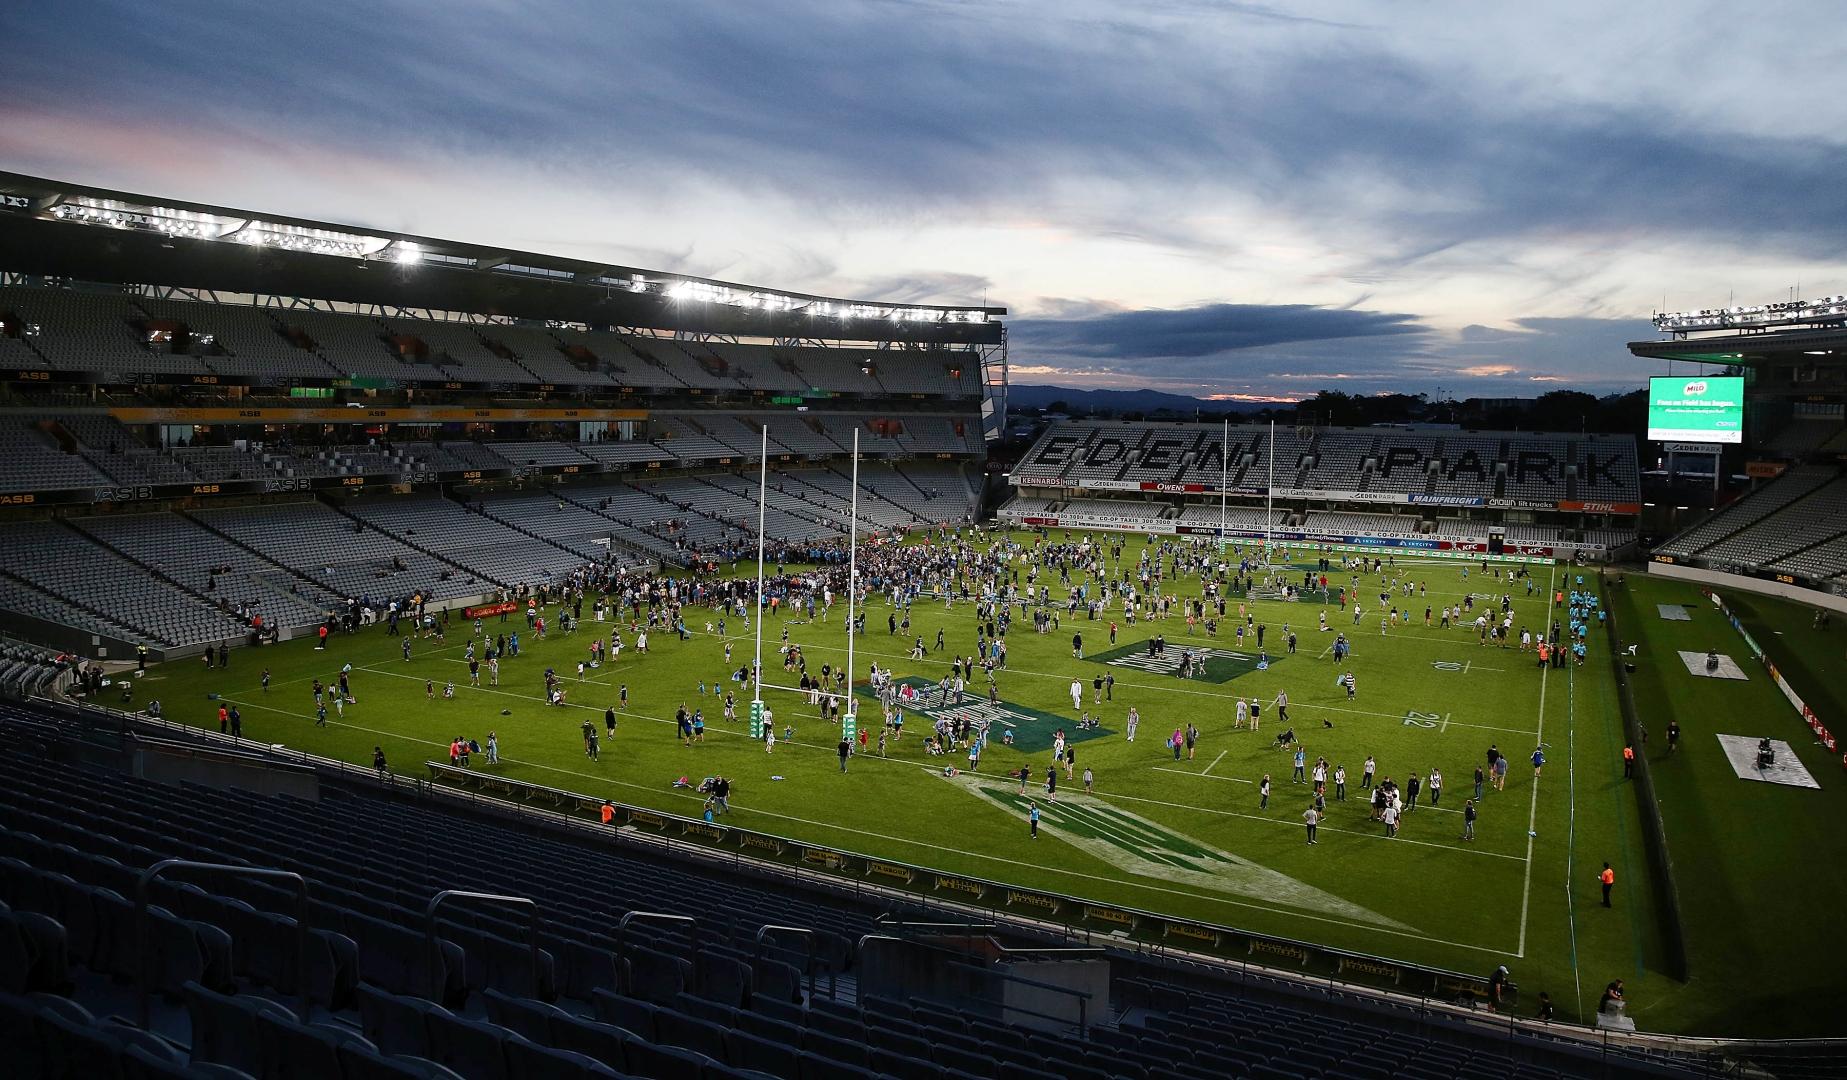 Stadia in Focus: Eden Park